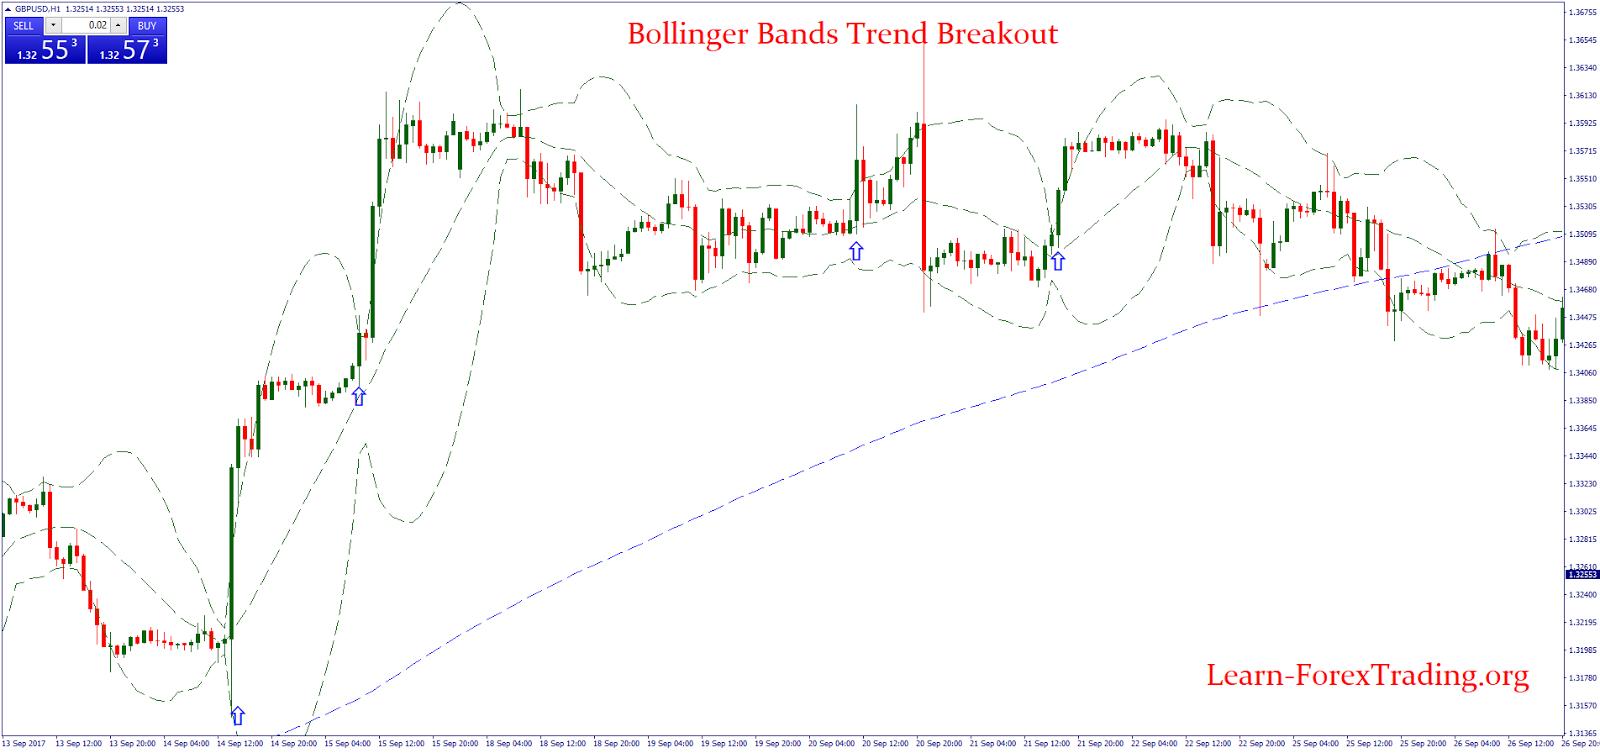 Bollinger bands trend